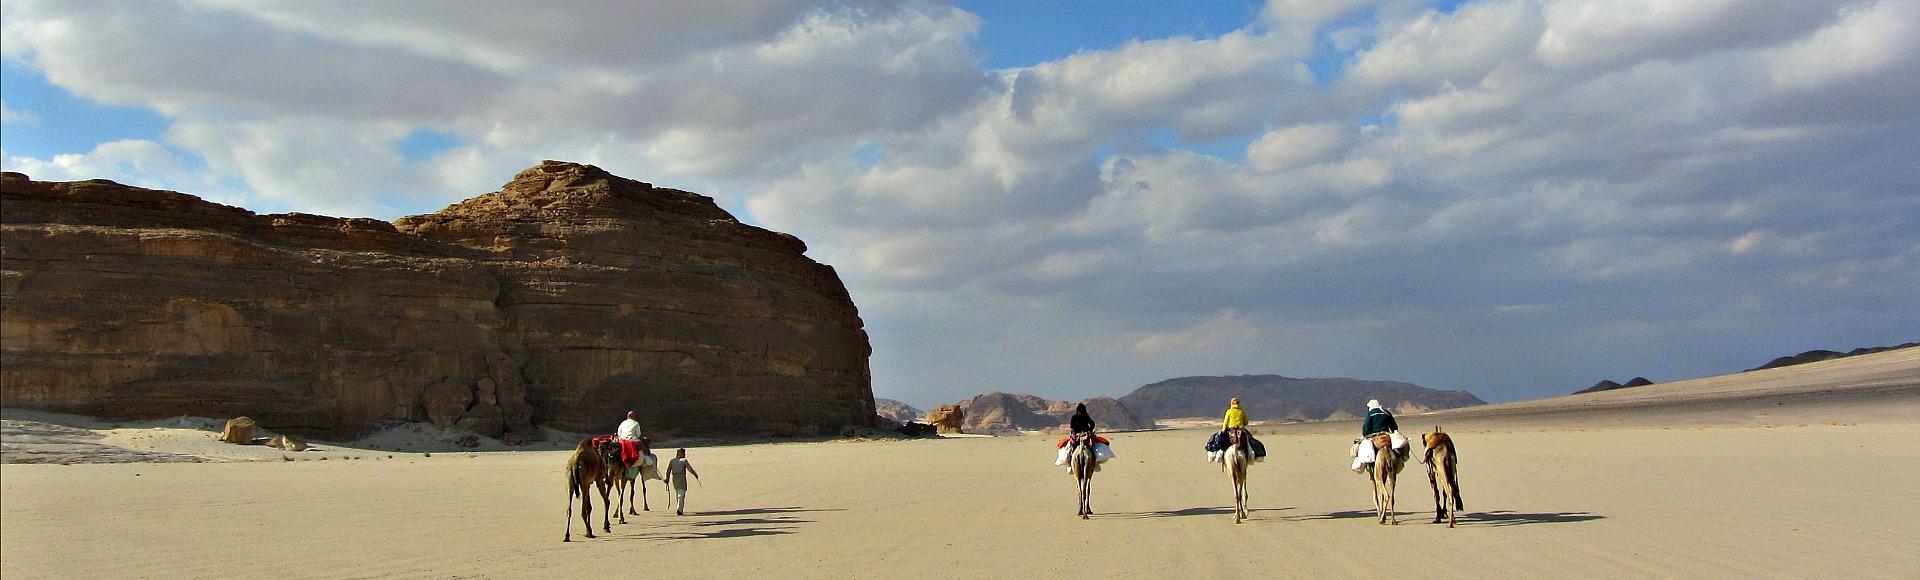 karavaan DesertJoy